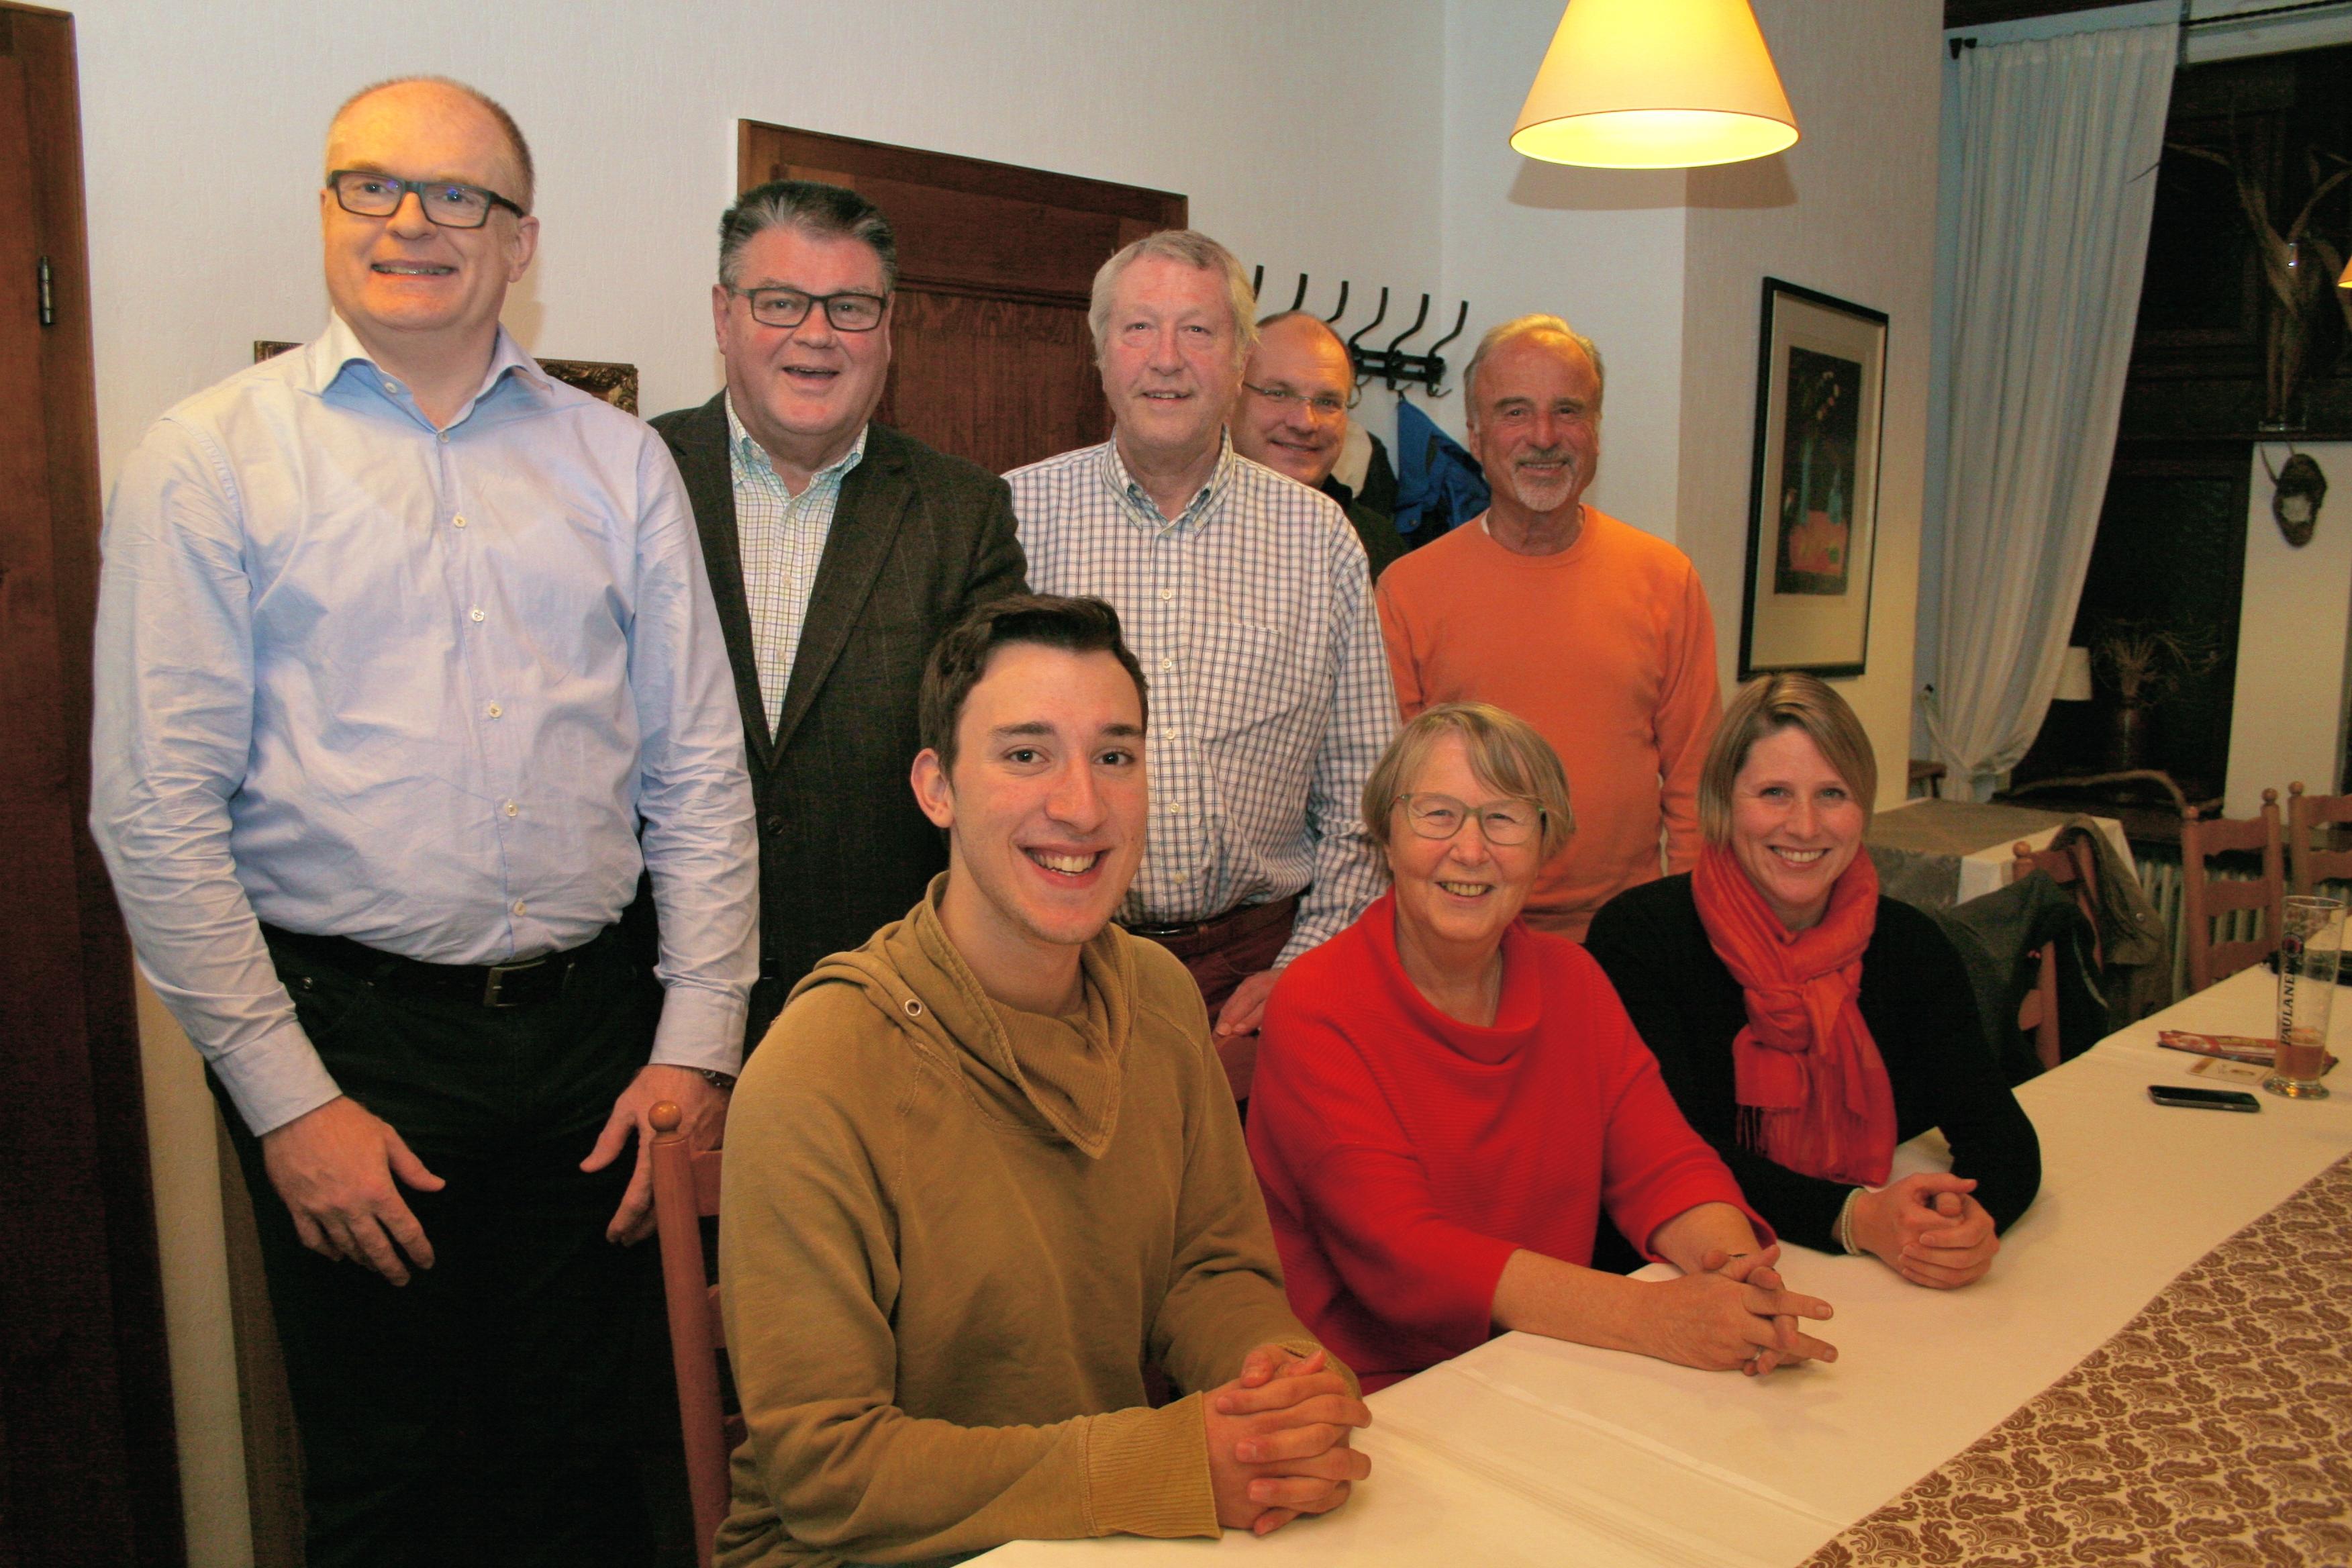 Mitglieder des neu gewählten Vorstands der FDP Wiesloch-Südliche Bergstraße: sitzend v.l. Arved Östringer, Christiane Harms, Nina-Fleur Klingler; stehend v.l. Dr. Matthias Spanier, Rüdiger Haas, Siegfried von Naguschewski, Jürgen Abt, Robert Blum.